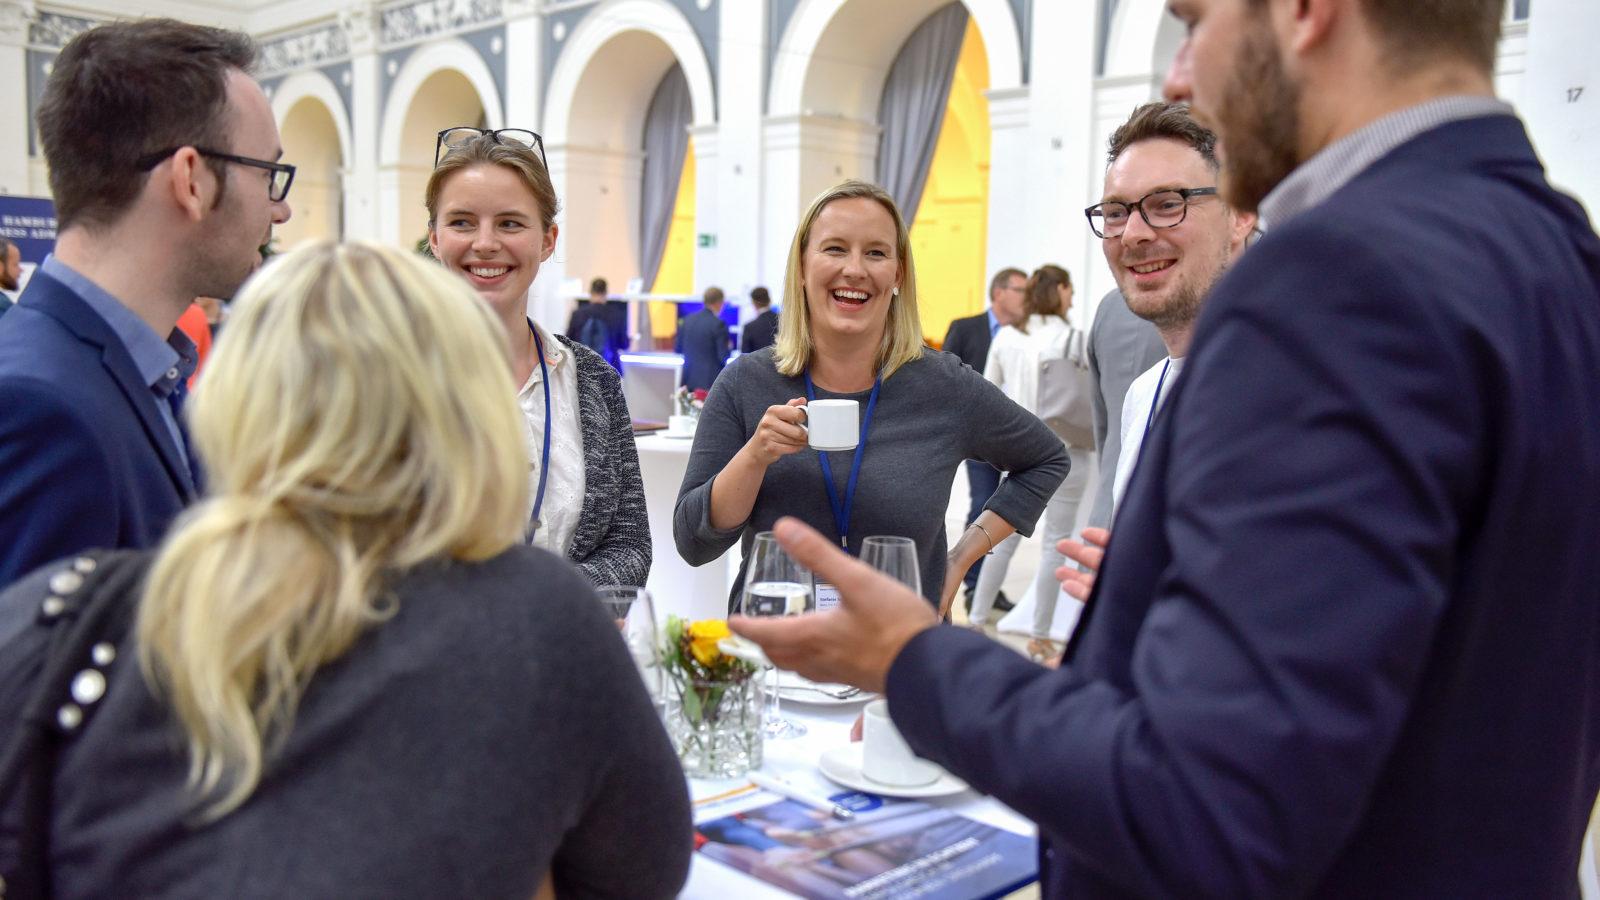 Gäste des Marketing Innovation Days unterhalten sich angeregt während der Kaffeepause